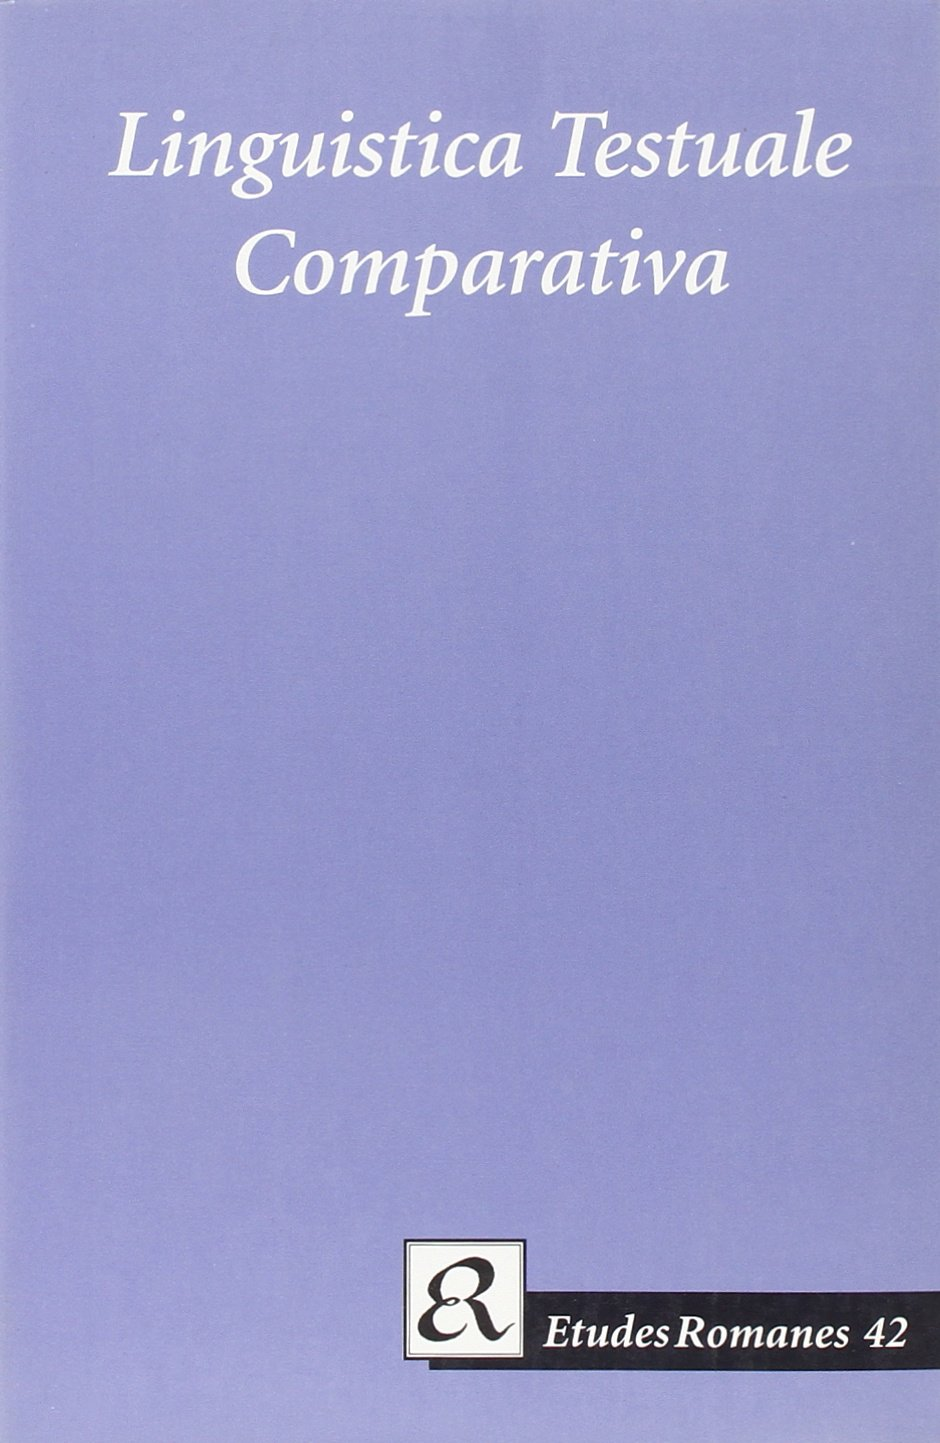 Linguistica Testuale Comparativa - In Memoriam Maria-Elisabeth Conte (Etudes Romanes, 42) by Paul & Co Pub Consortium